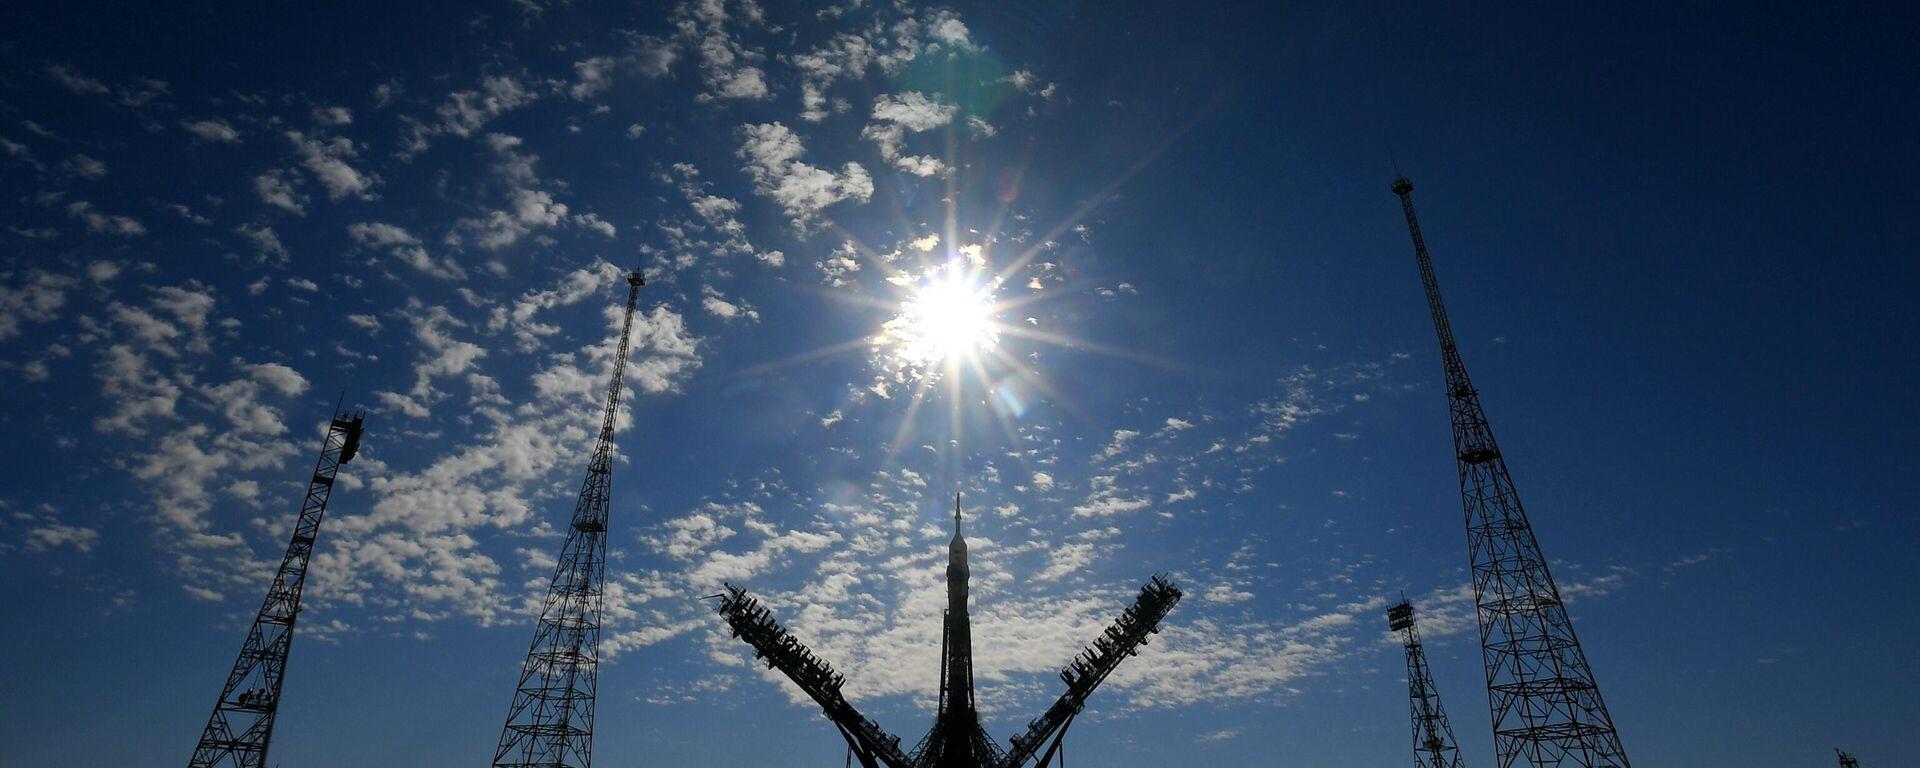 Ο πύραυλος Soyuz-2.1a ετοιμάζεται για εκτόξευση - Sputnik Ελλάδα, 1920, 07.10.2021